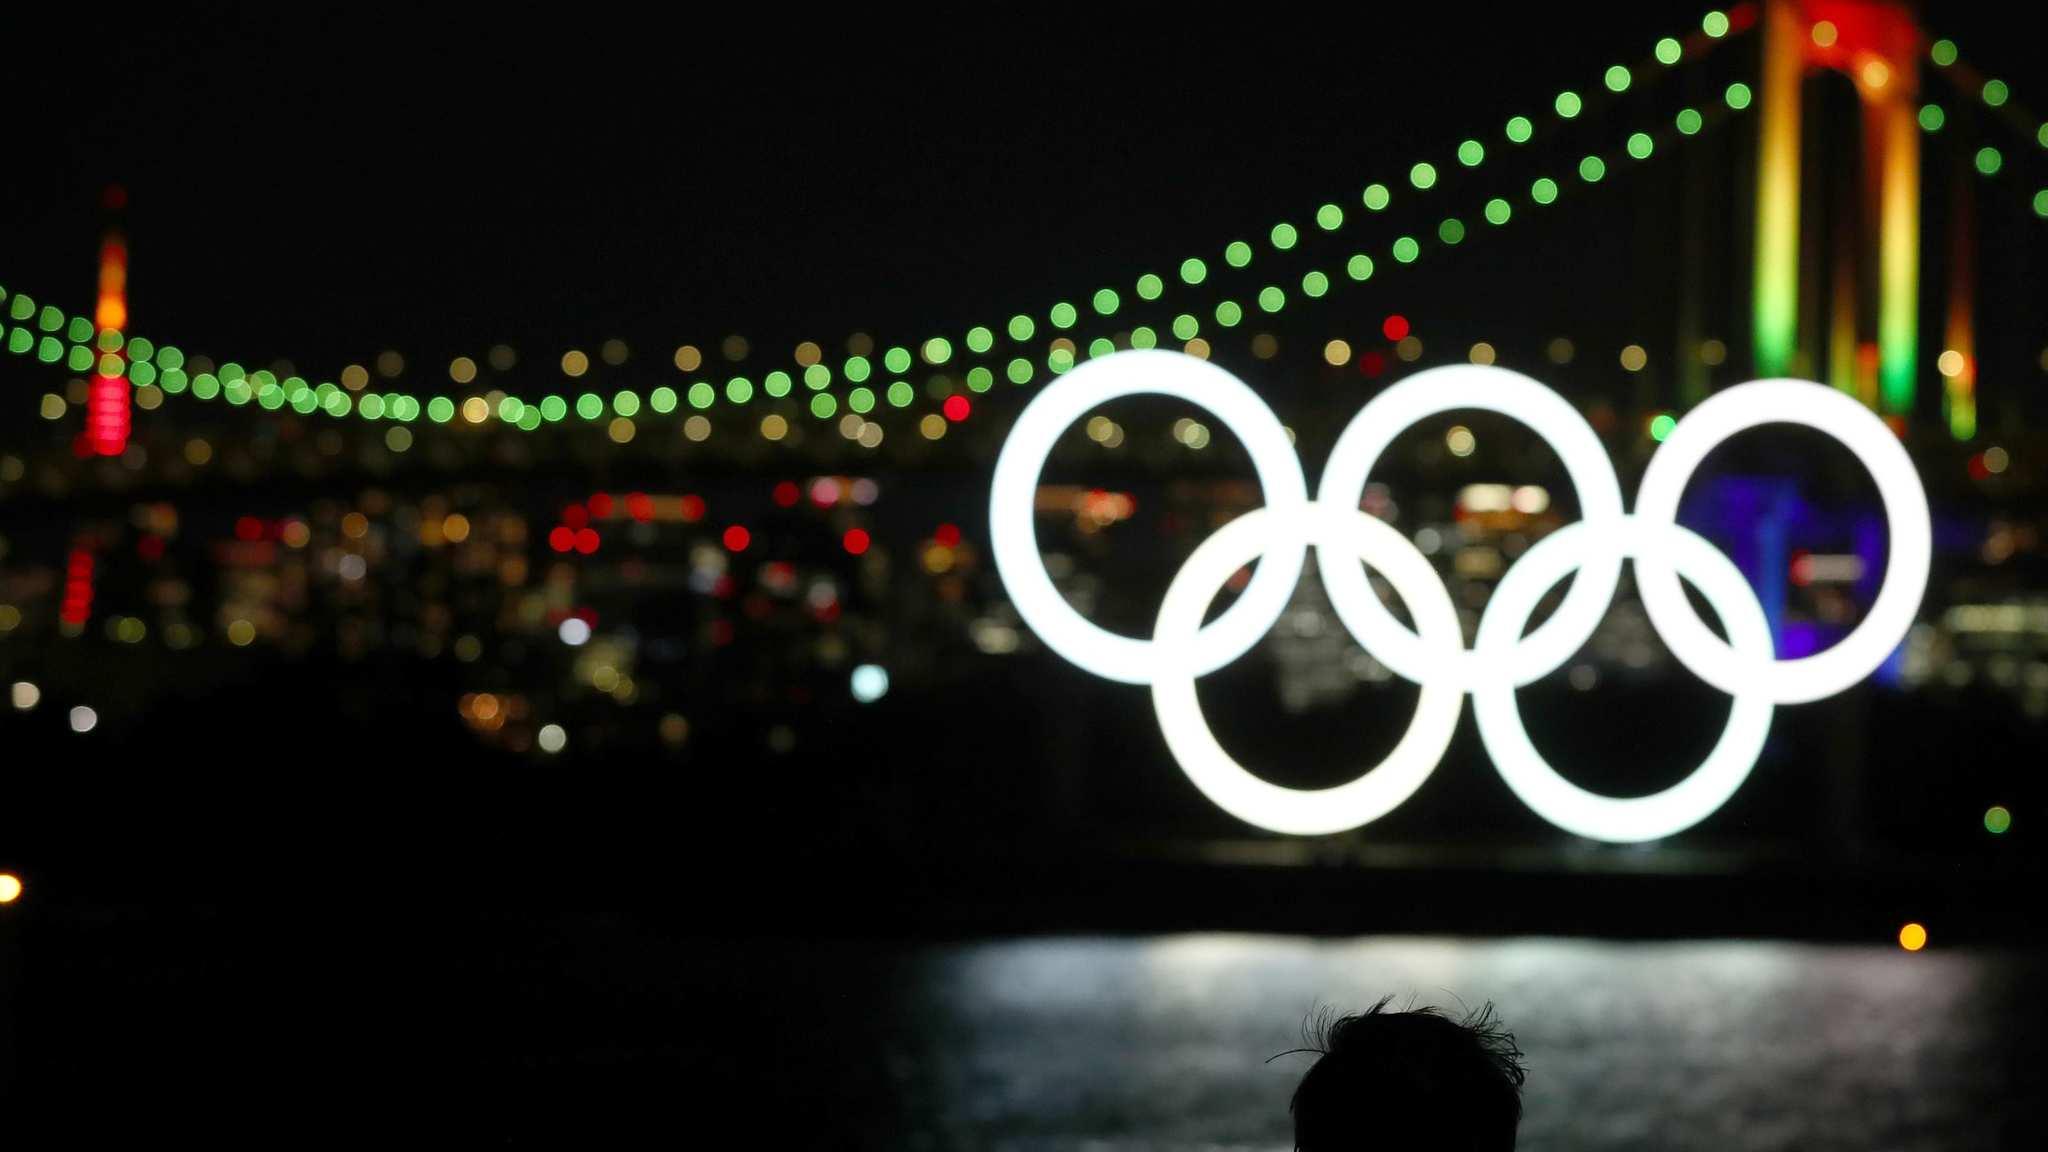 Япон: Компаниудын талаас илүү нь Олимп явуулахыг дэмжиж байна